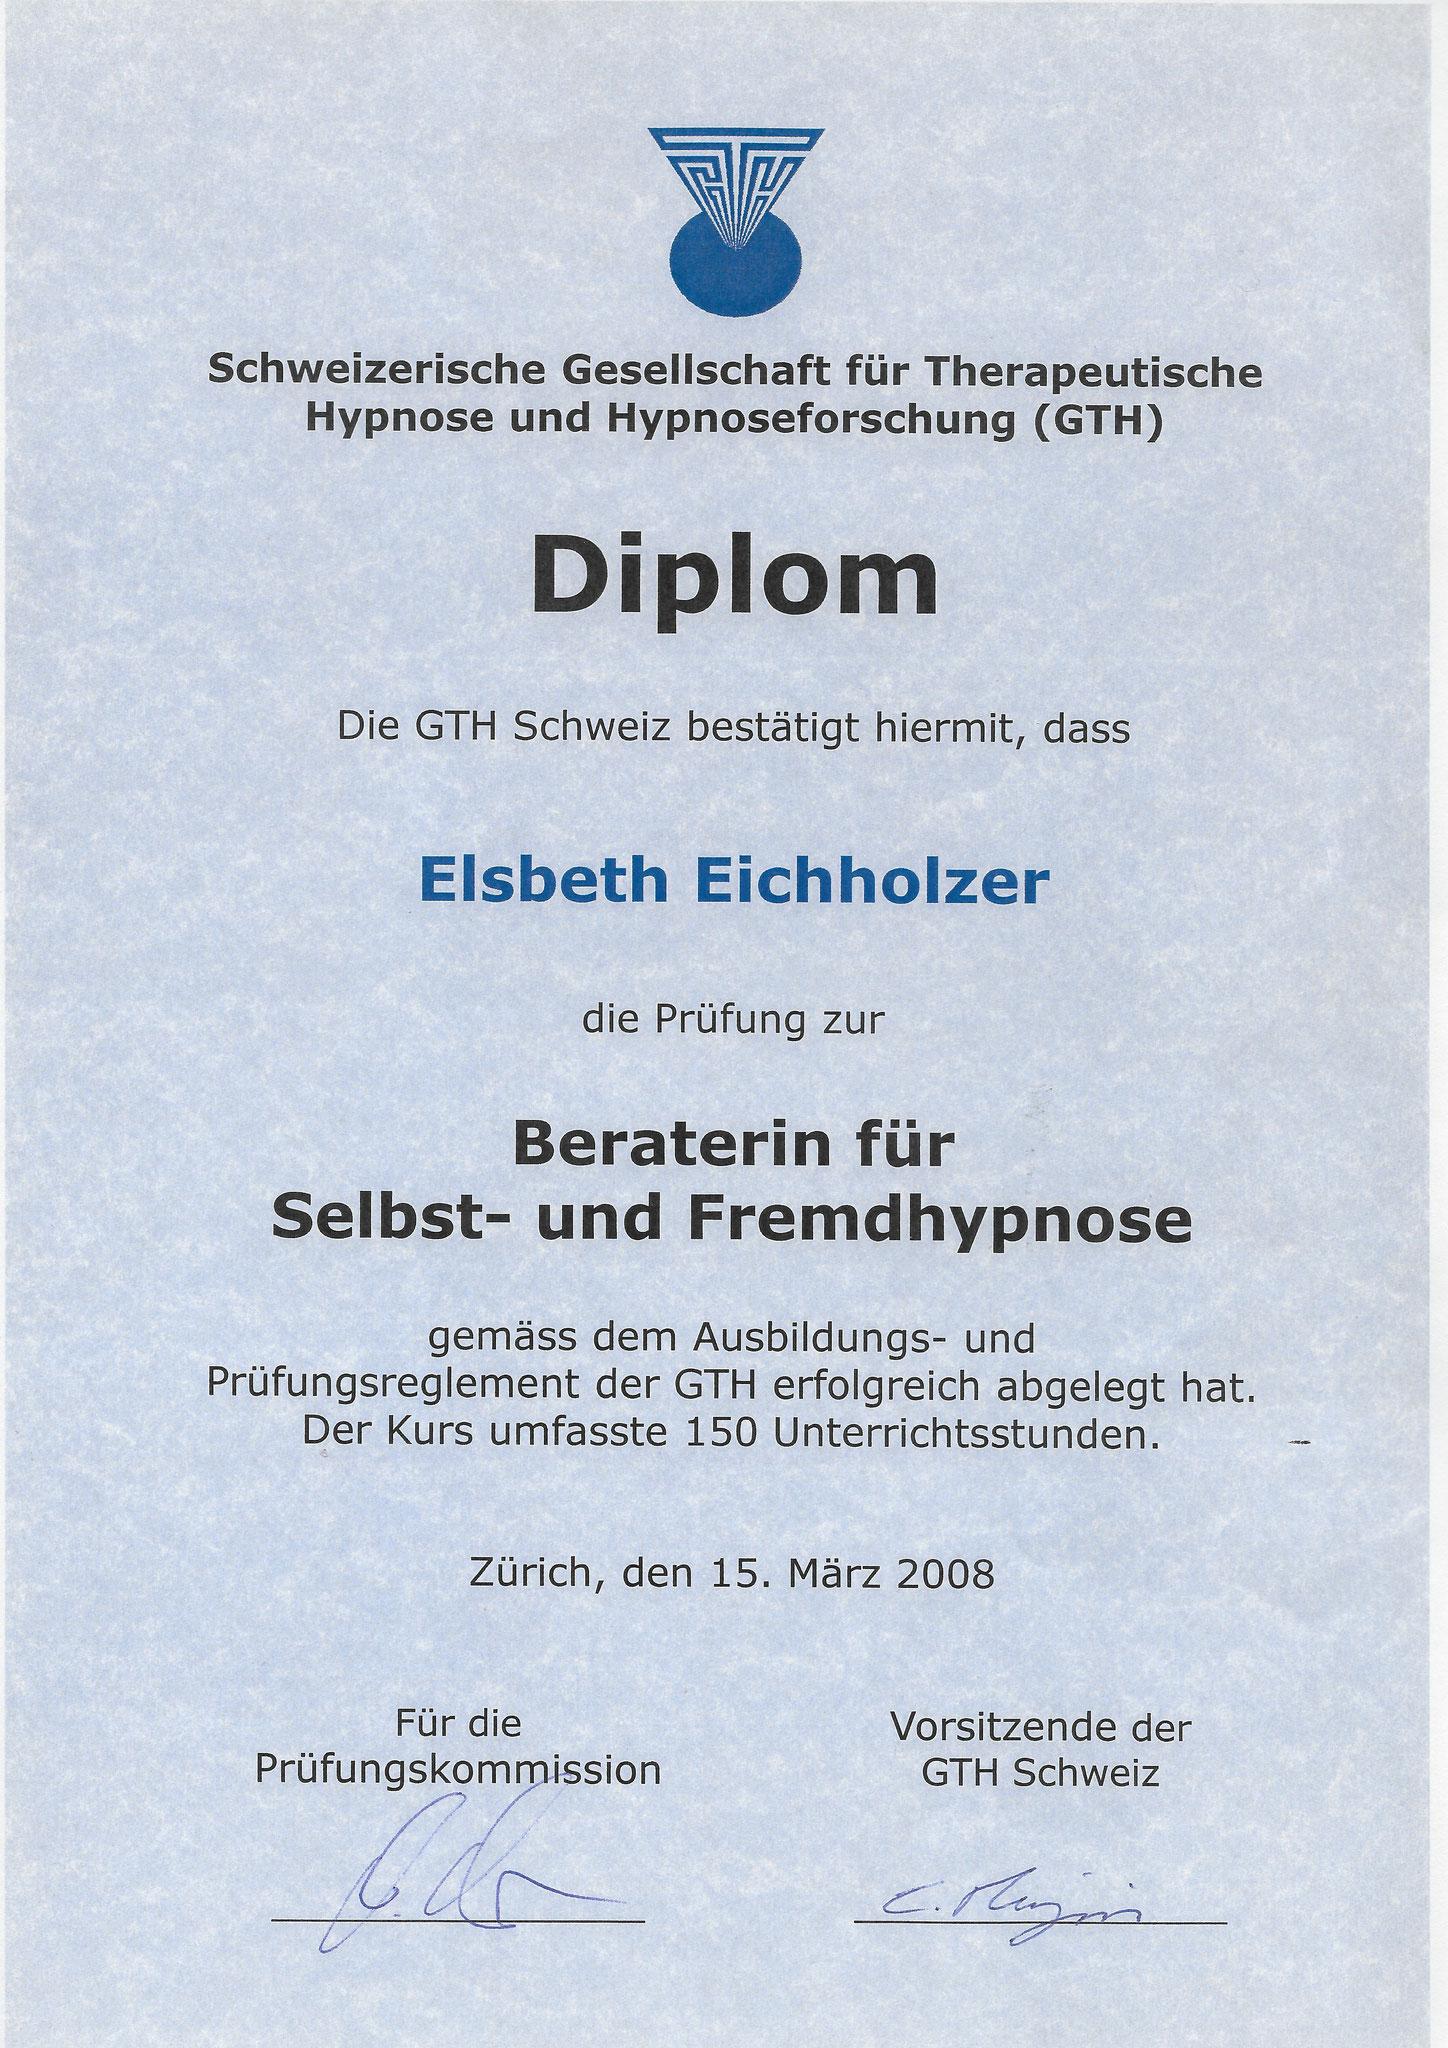 GTH-CH - Diplom in Selbst- & Fremdhypnose